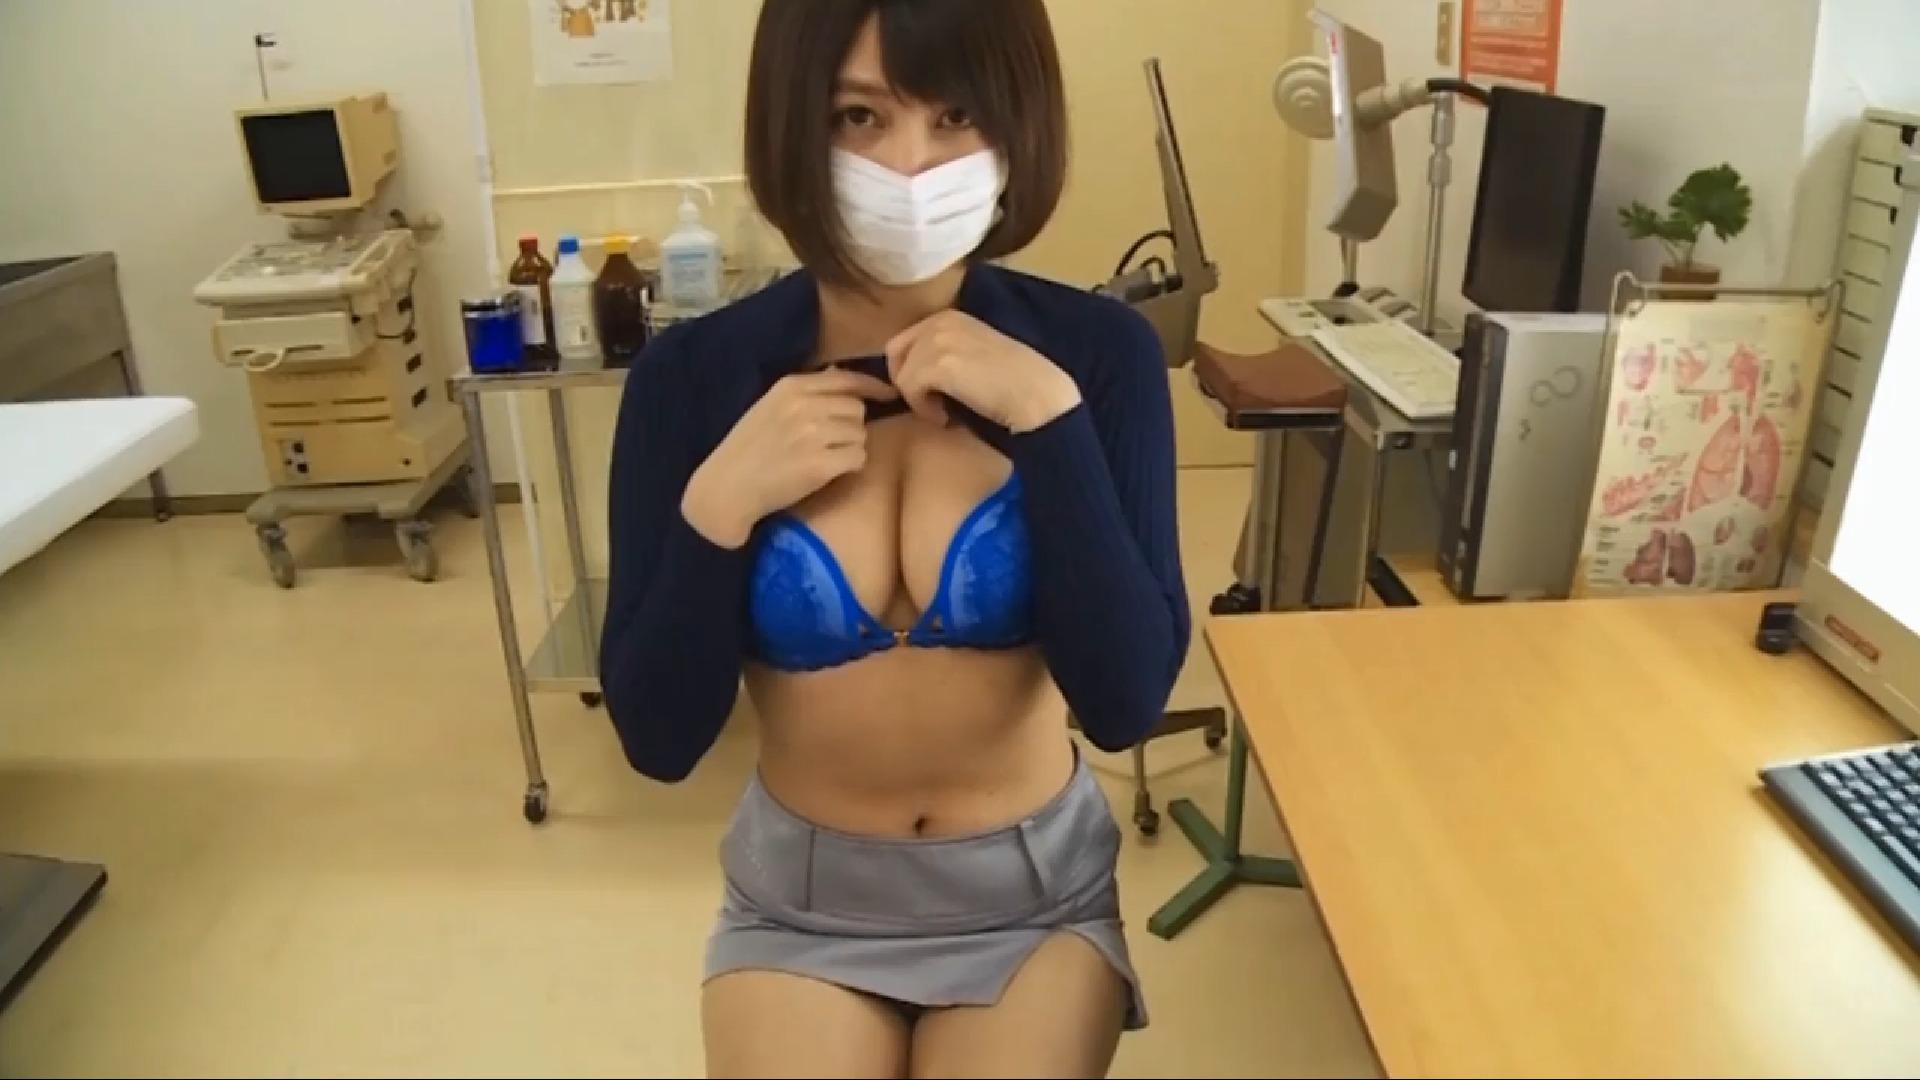 【小柳歩】Dカップ10 完全にやりすぎな診察シーン!おっぱいを触られパンストを脱がされ…。